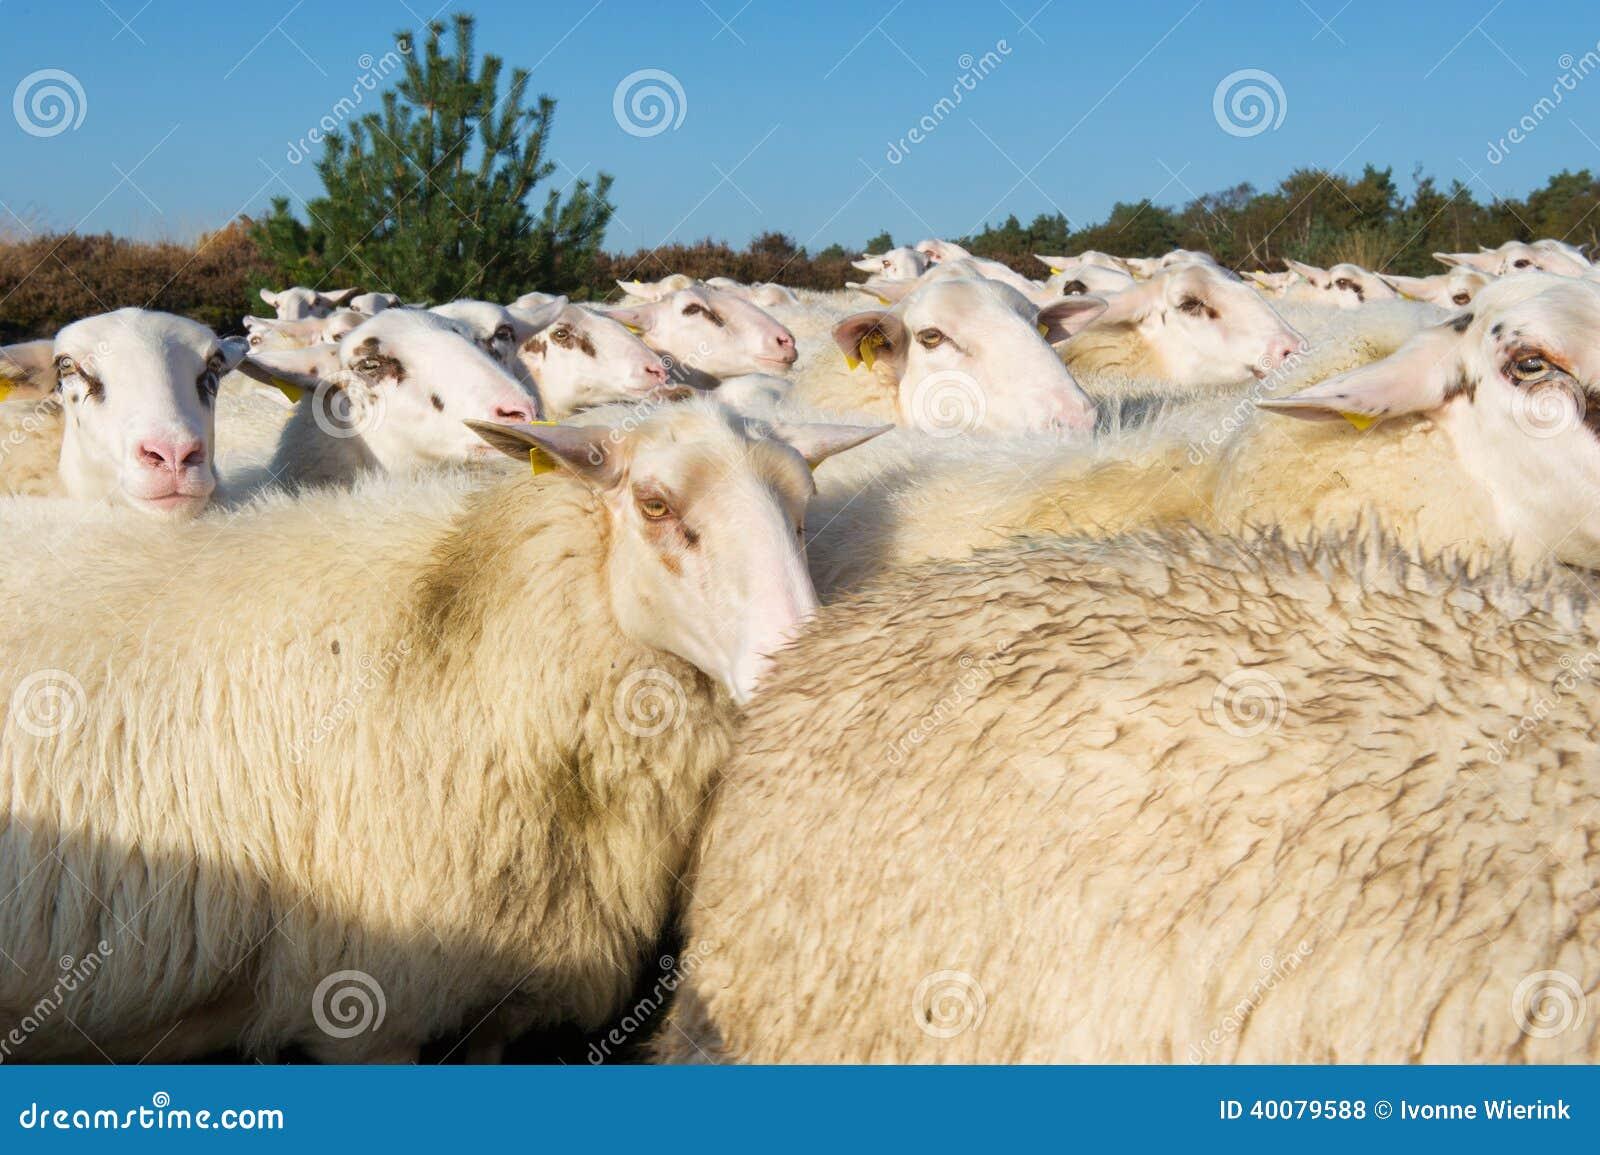 Sheep Herd Stock Photo - Image: 40079588